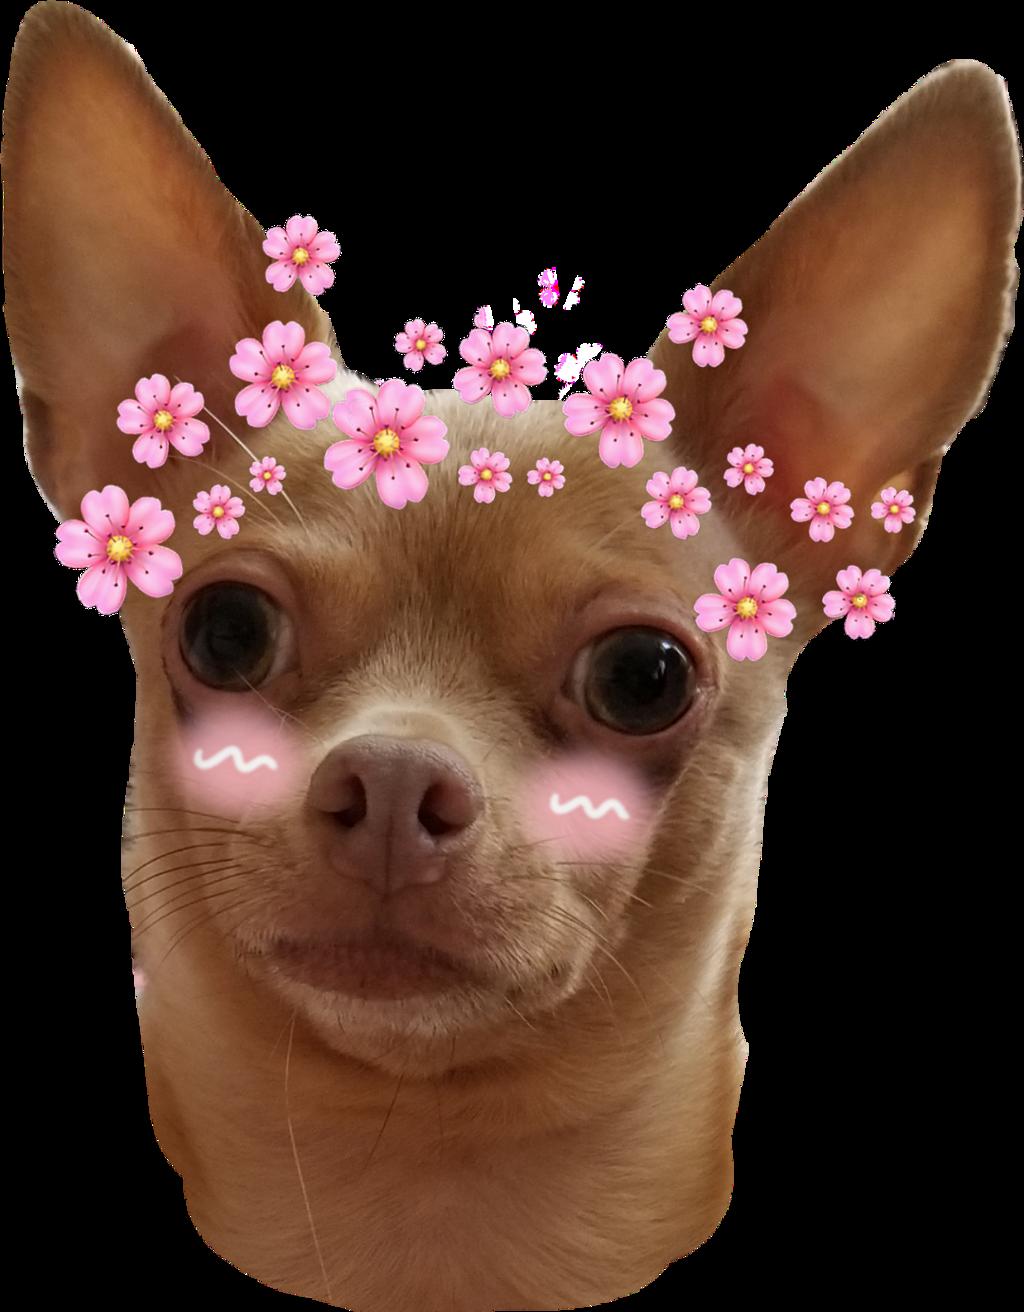 #cute #chihuahua #anime #cutie #puppy #dog #blush